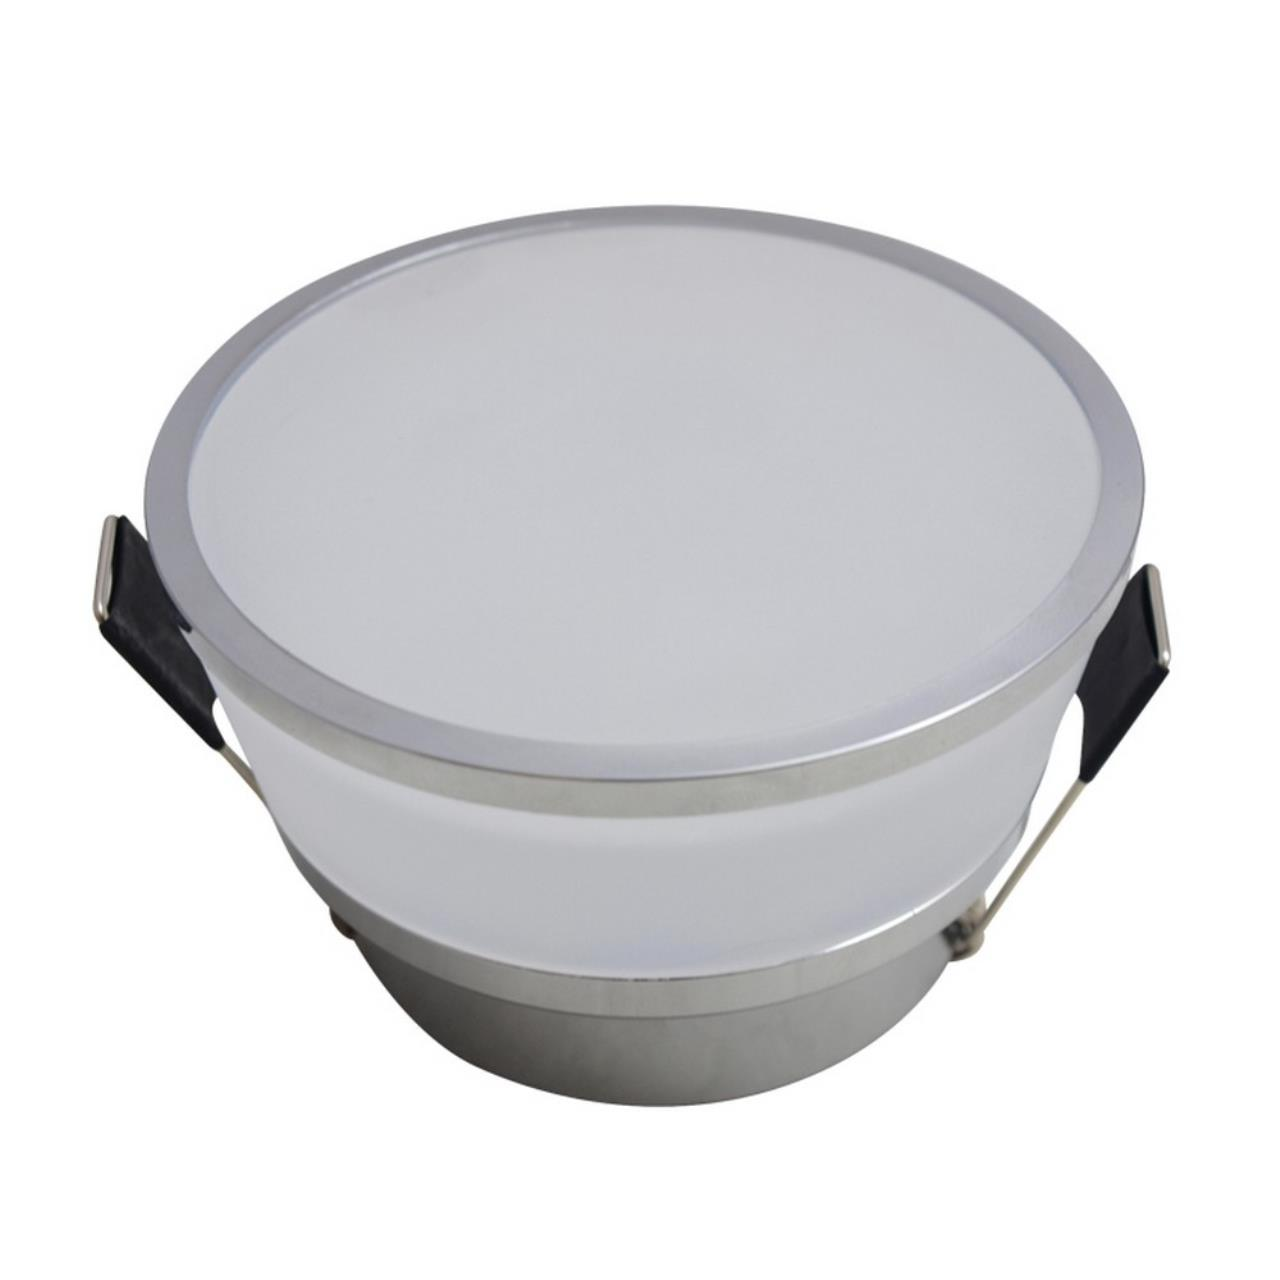 Встраиваемый-накладной светильник Aployt APL.0084.09.05